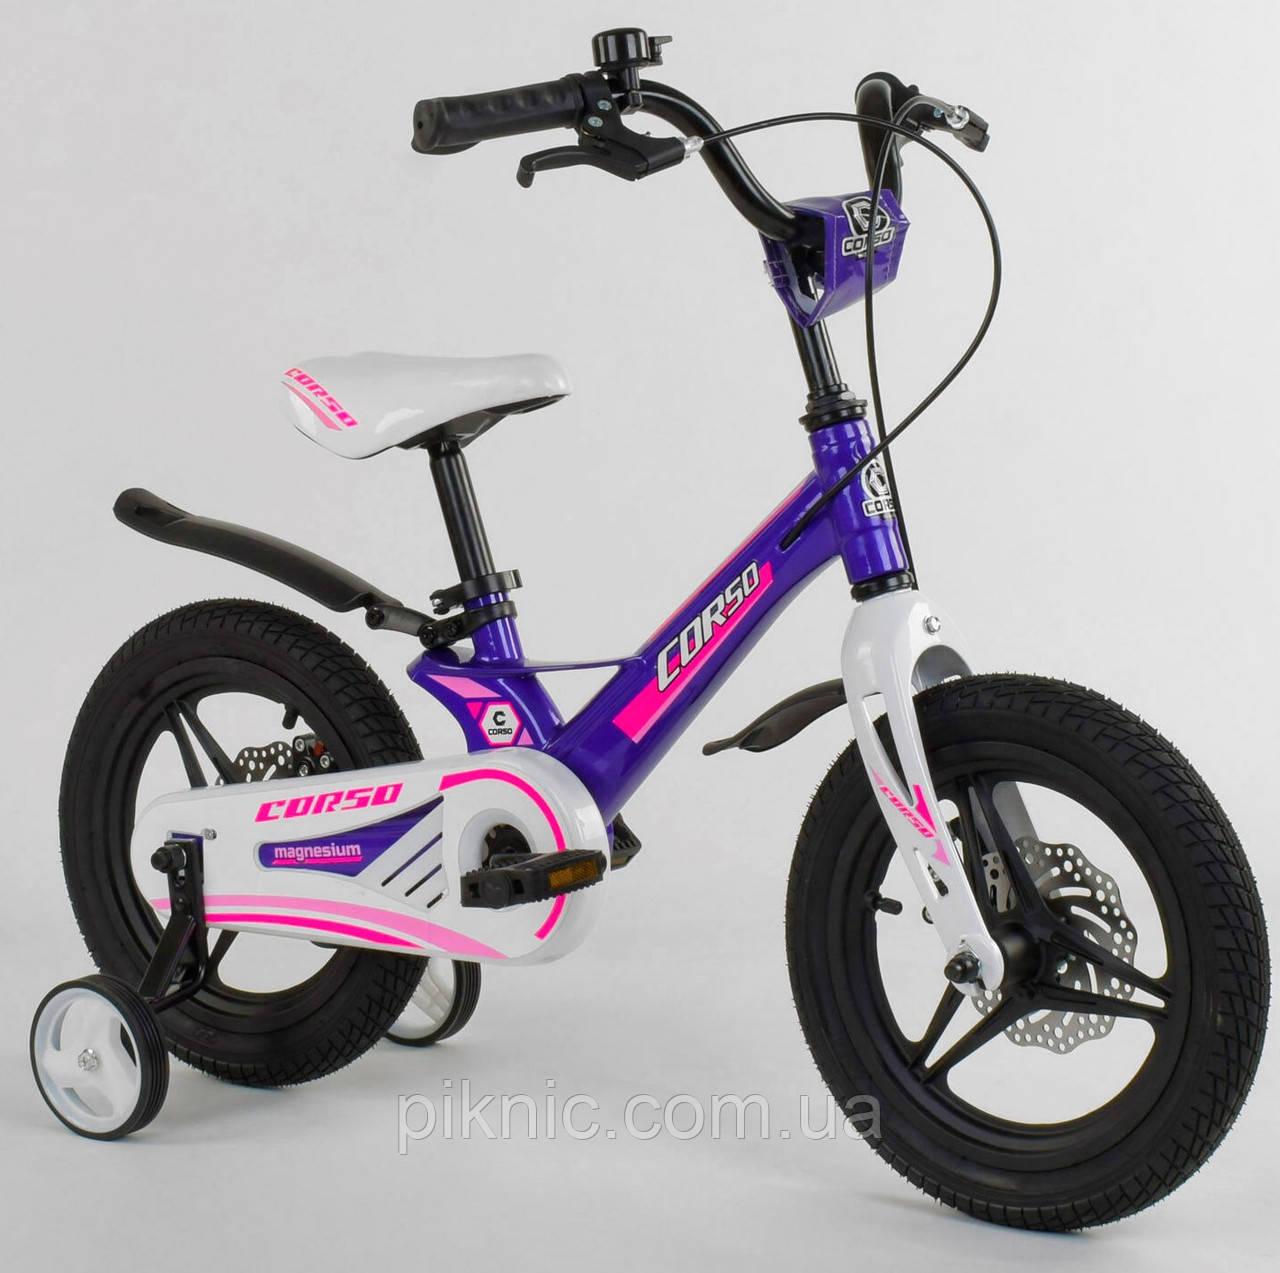 Велосипед 14 дюймів для дівчаток 4, 5 років. Магнієва рама. Дитячий 2-х колісний двоколісний Фіолетовий